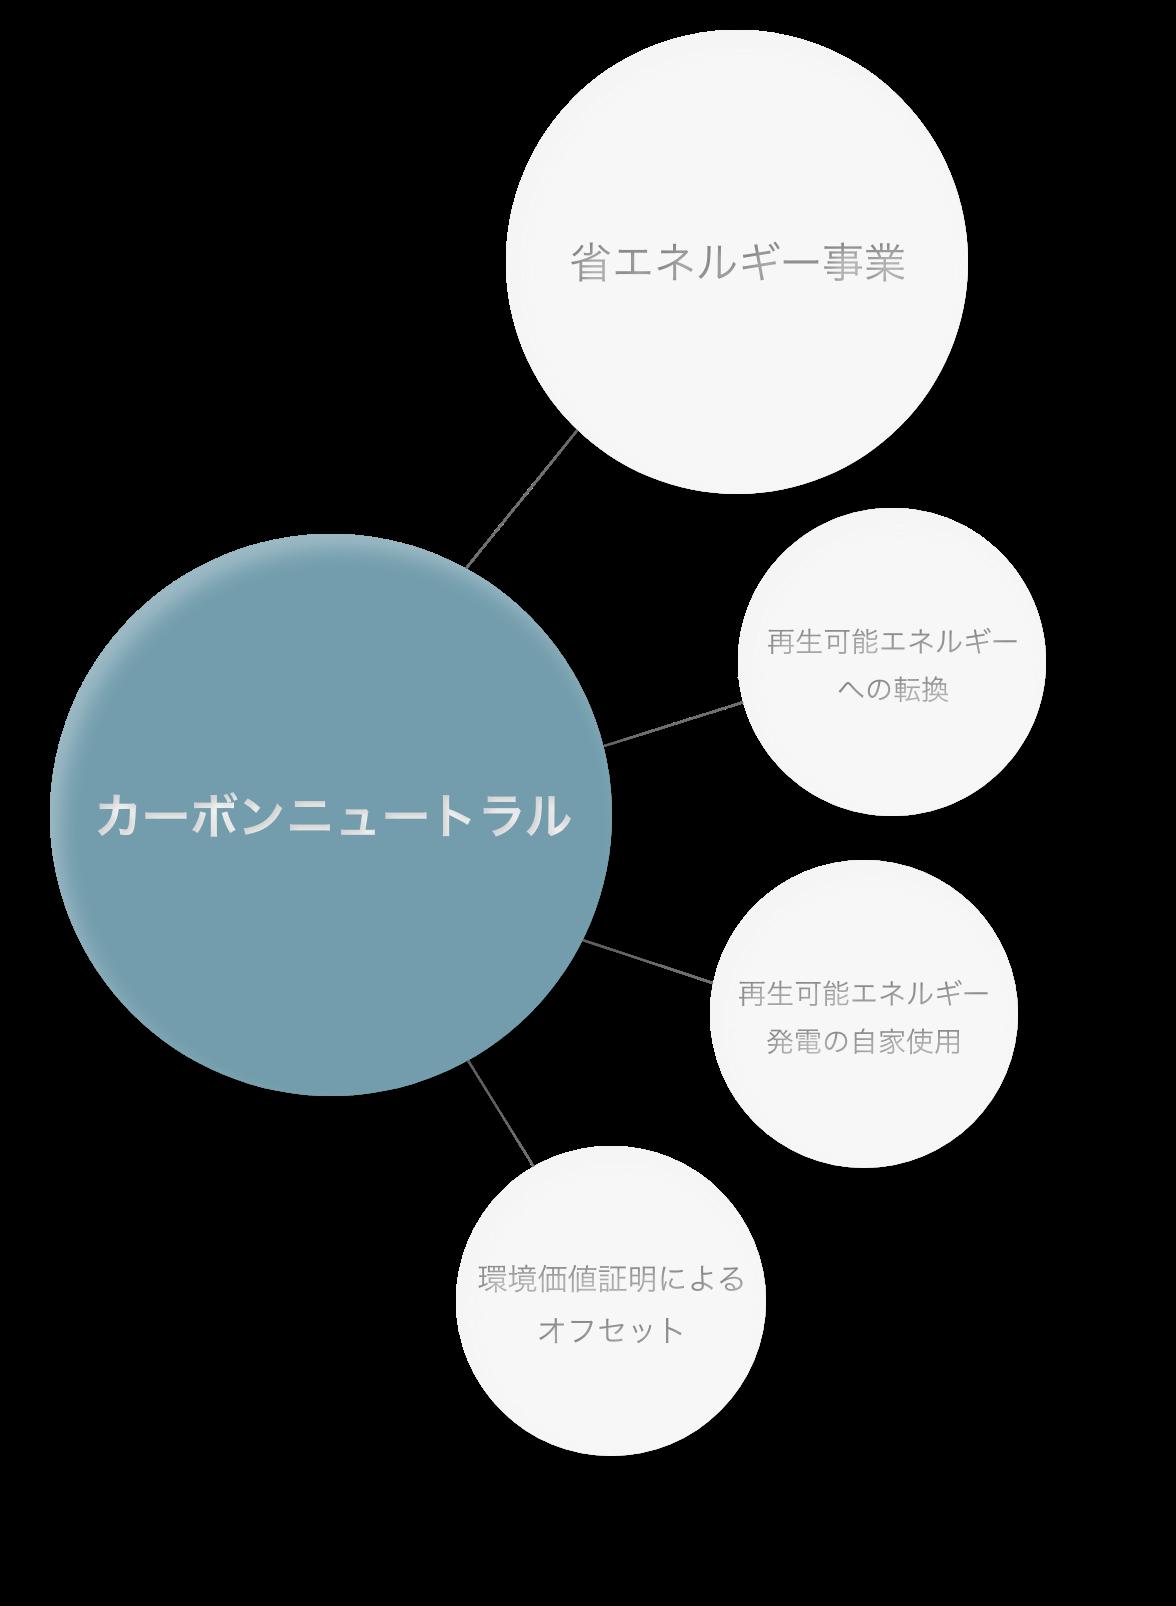 カーボンニュートラルに必要な4つの要素の図